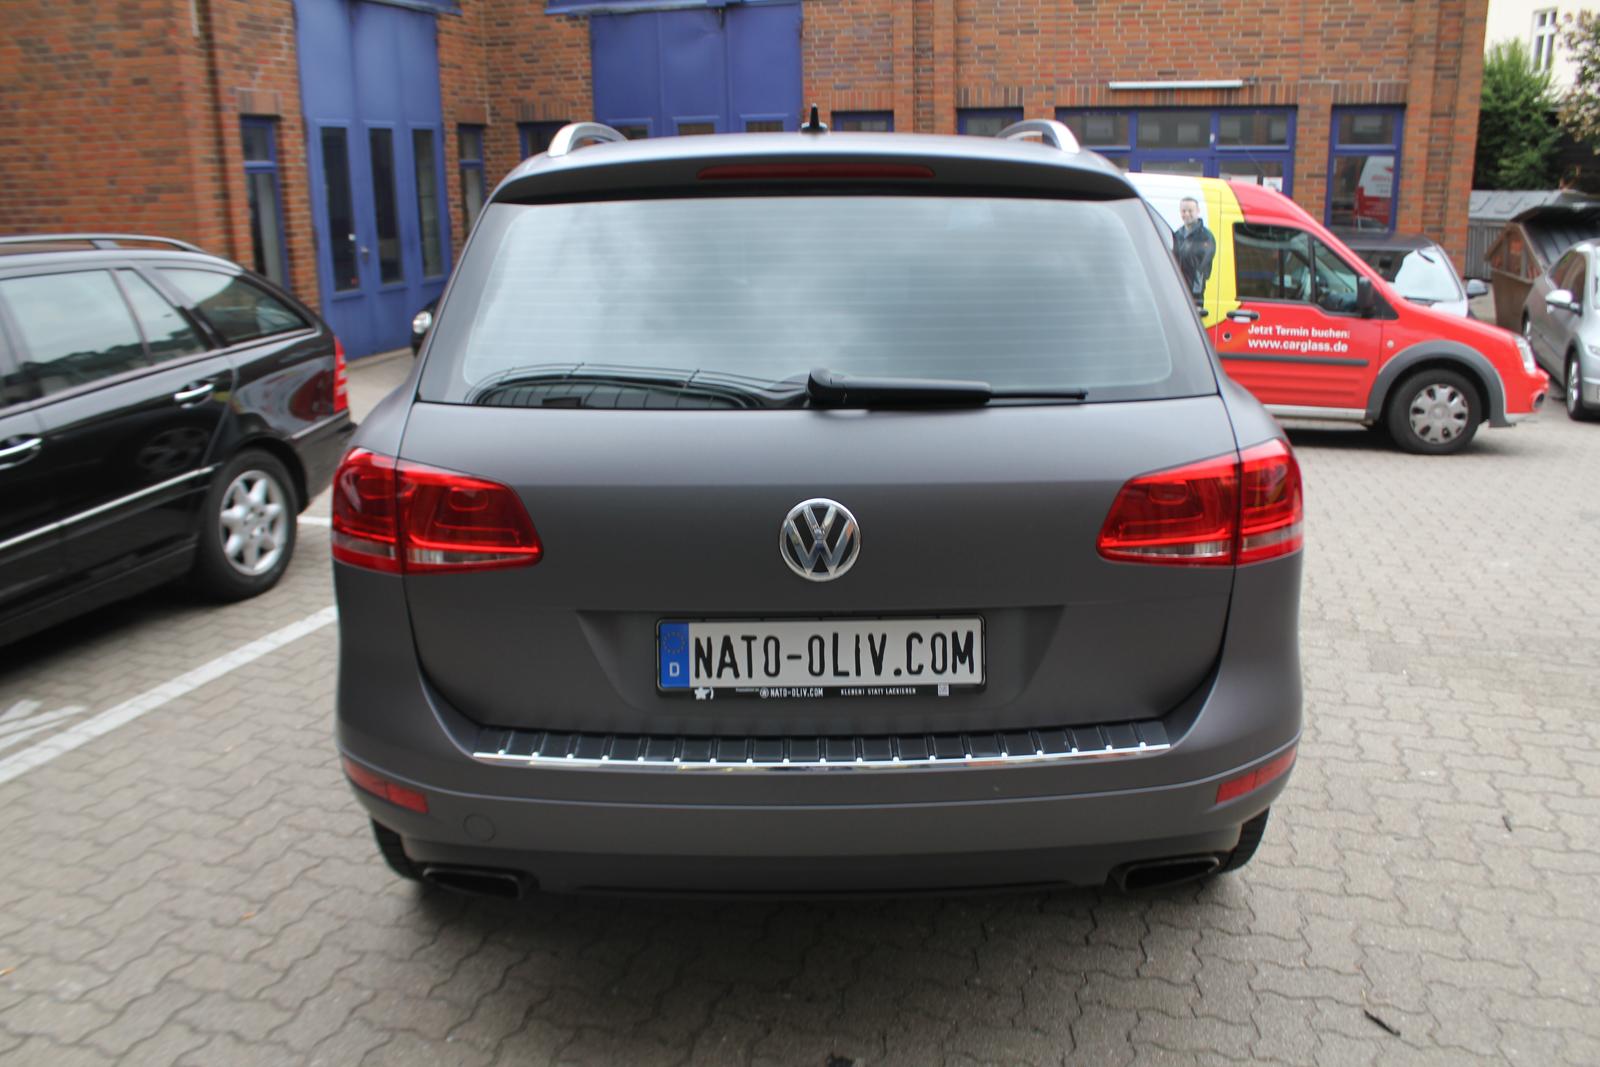 Heckansicht des mit Folie in anthrazit metallic matt beklebten VW Touareg